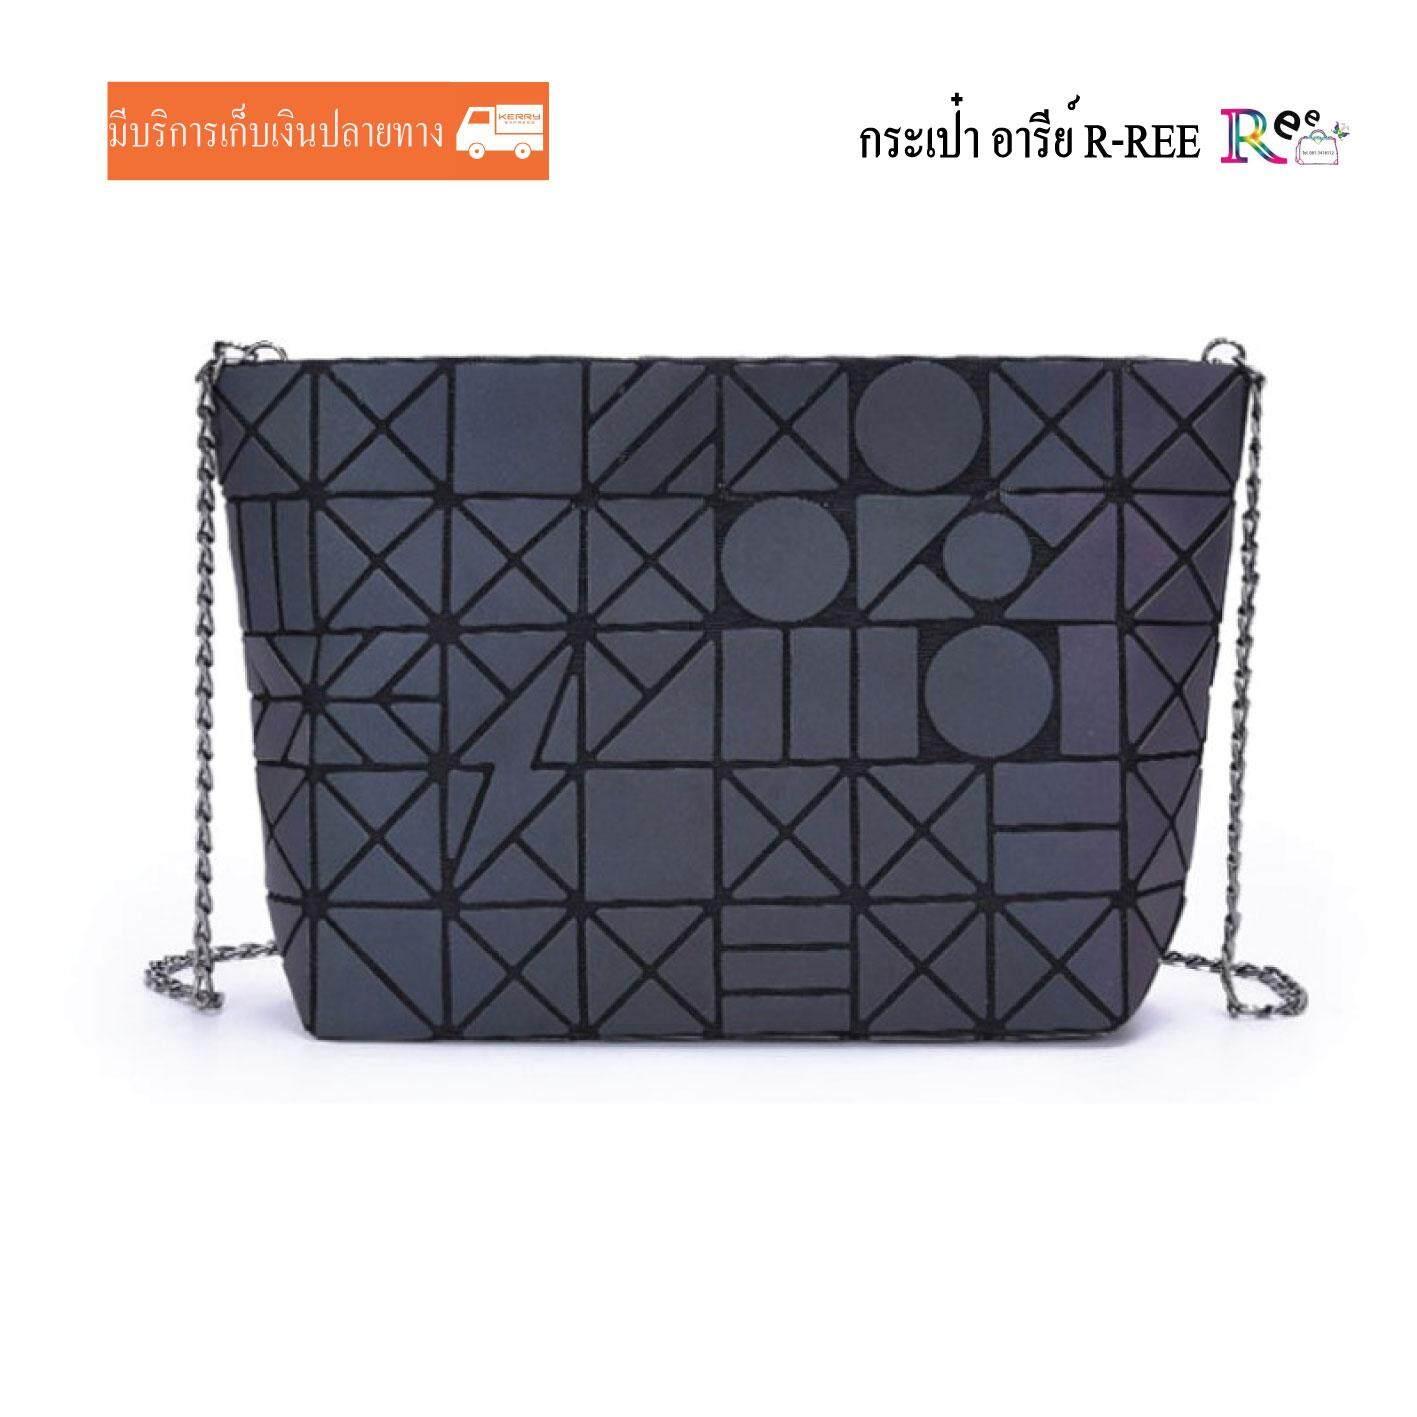 42a30ee6c3a7 ขาย BAO BAO ISSEY MIYAKE กระเป๋าผู้หญิง - ซื้อ กระเป๋าผู้หญิง พร้อม ...